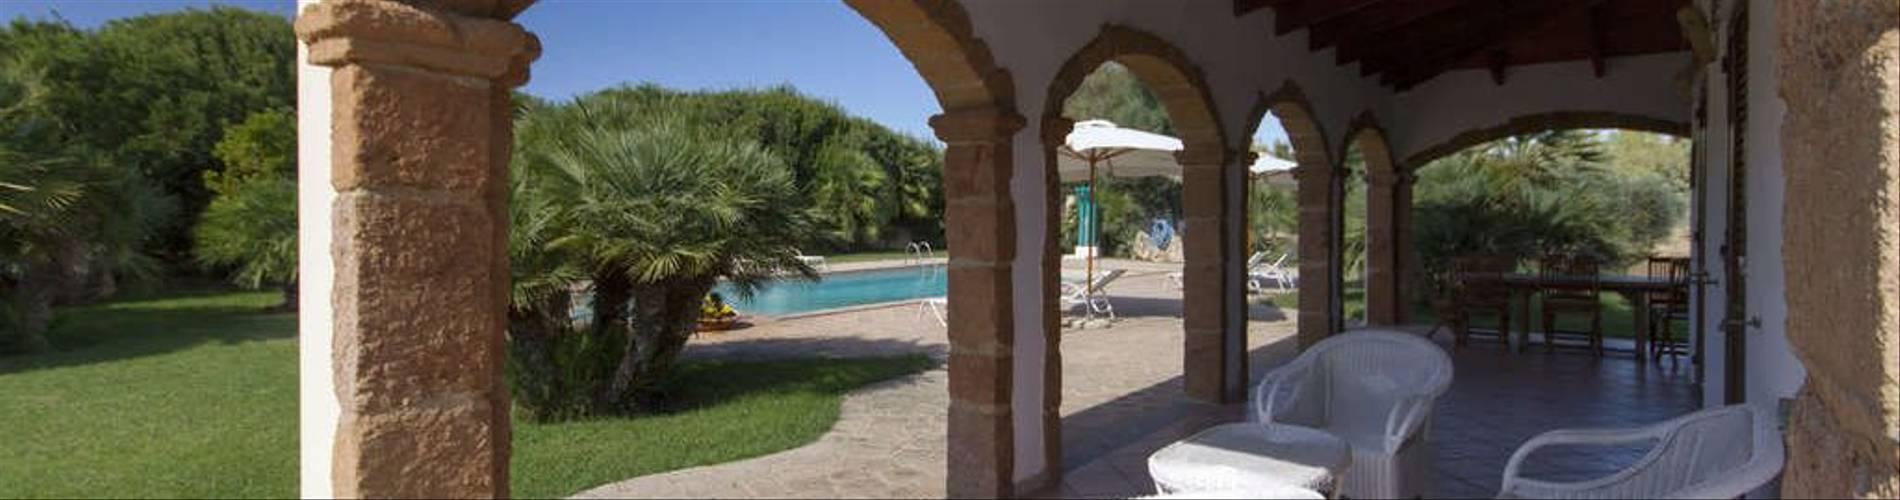 Villa Dell'Ulivo 16.jpg